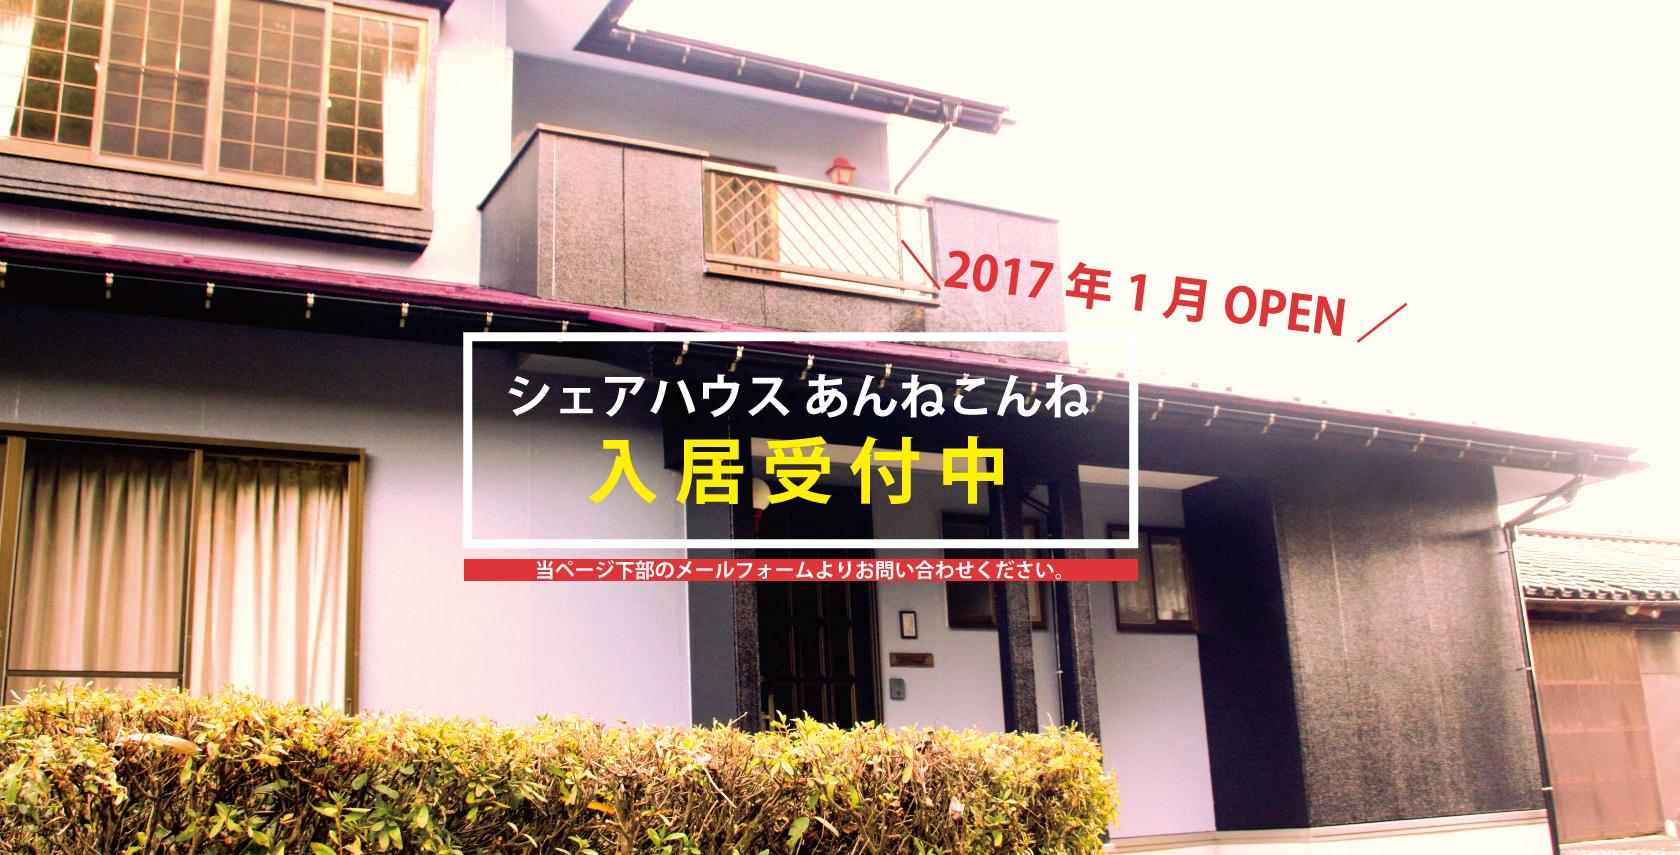 鳥取市のシェアハウス、あんねこんね